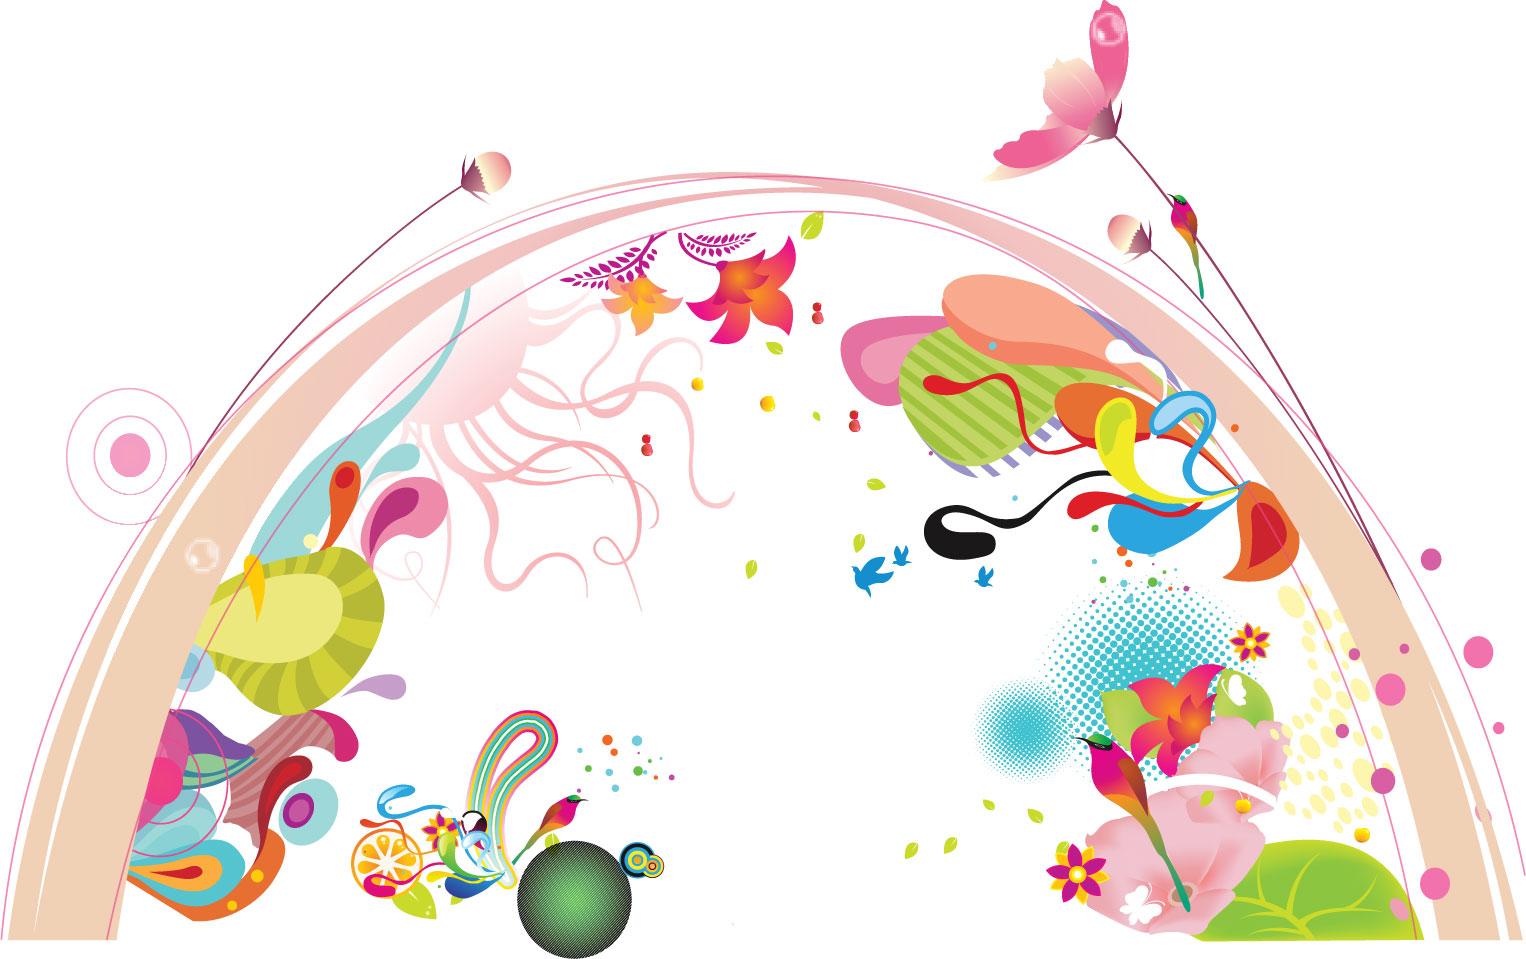 ポップでかわいい花のイラスト・フリー素材/no.125『半円・カラフル